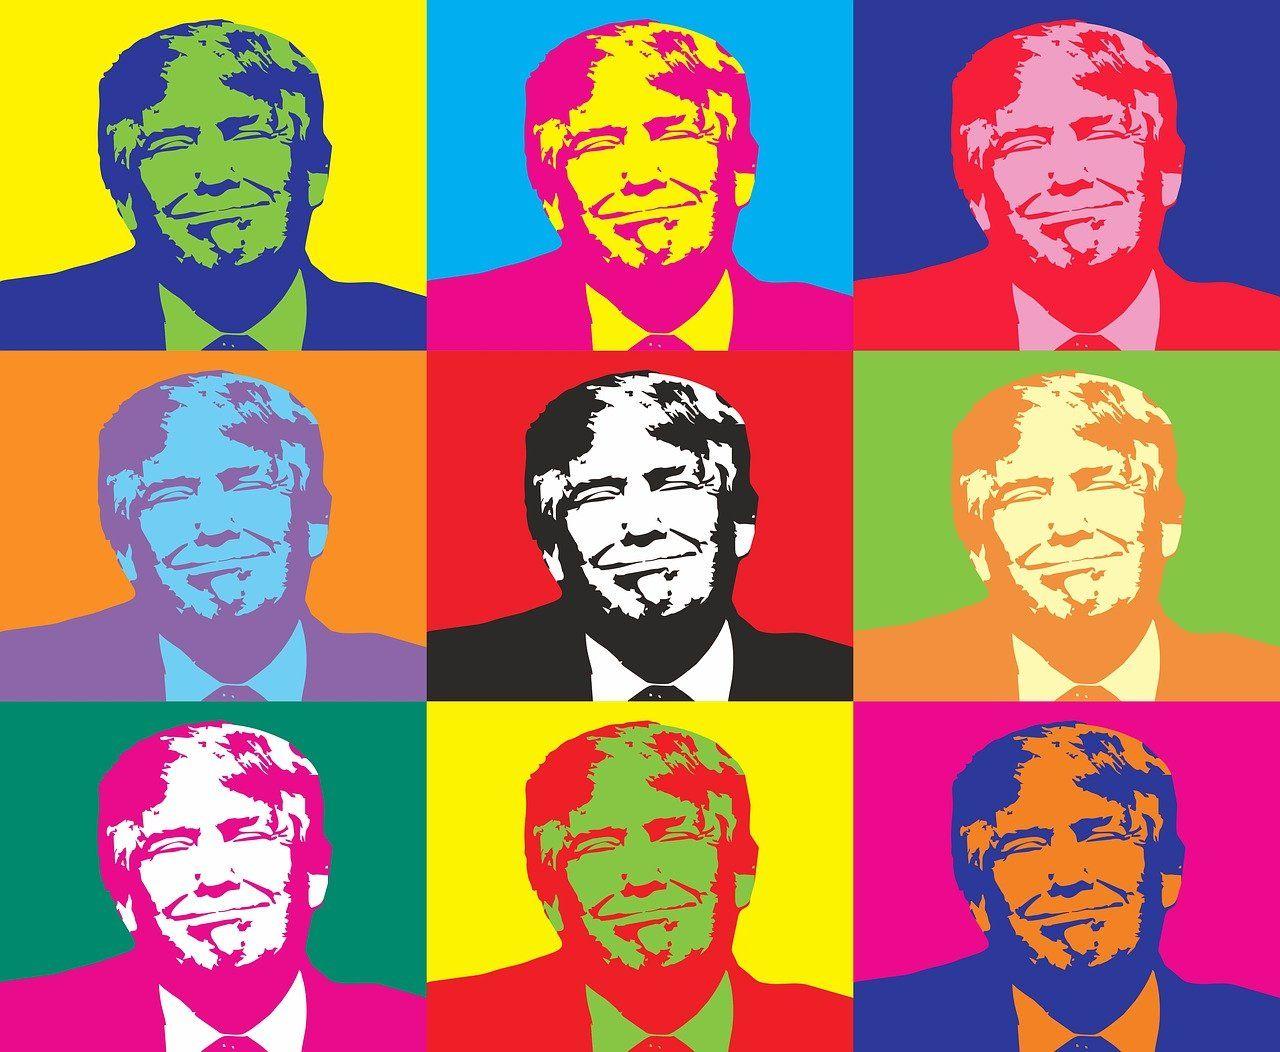 טראמפ ללא ספק מצטיין בחתירה תחת המוסכמות